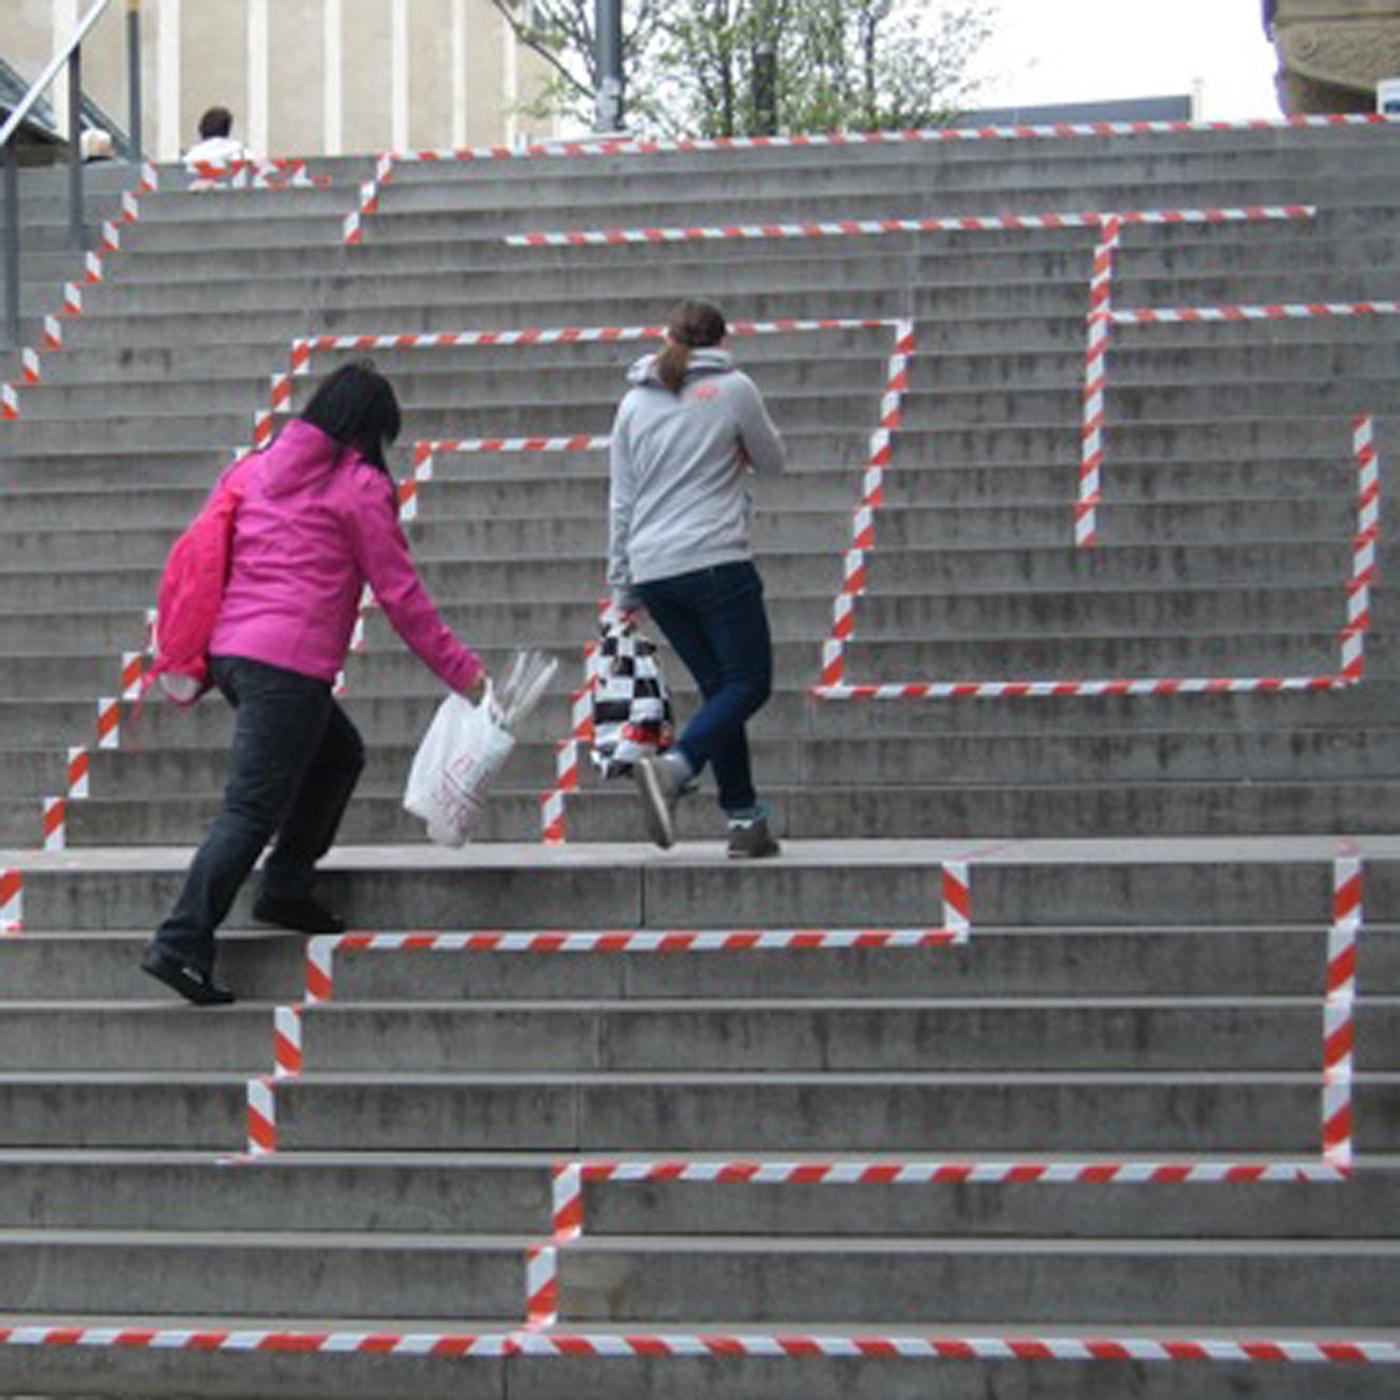 Ferienworkshop für Kinder in Berlin: Stadt zum Spielen // HIMBEER